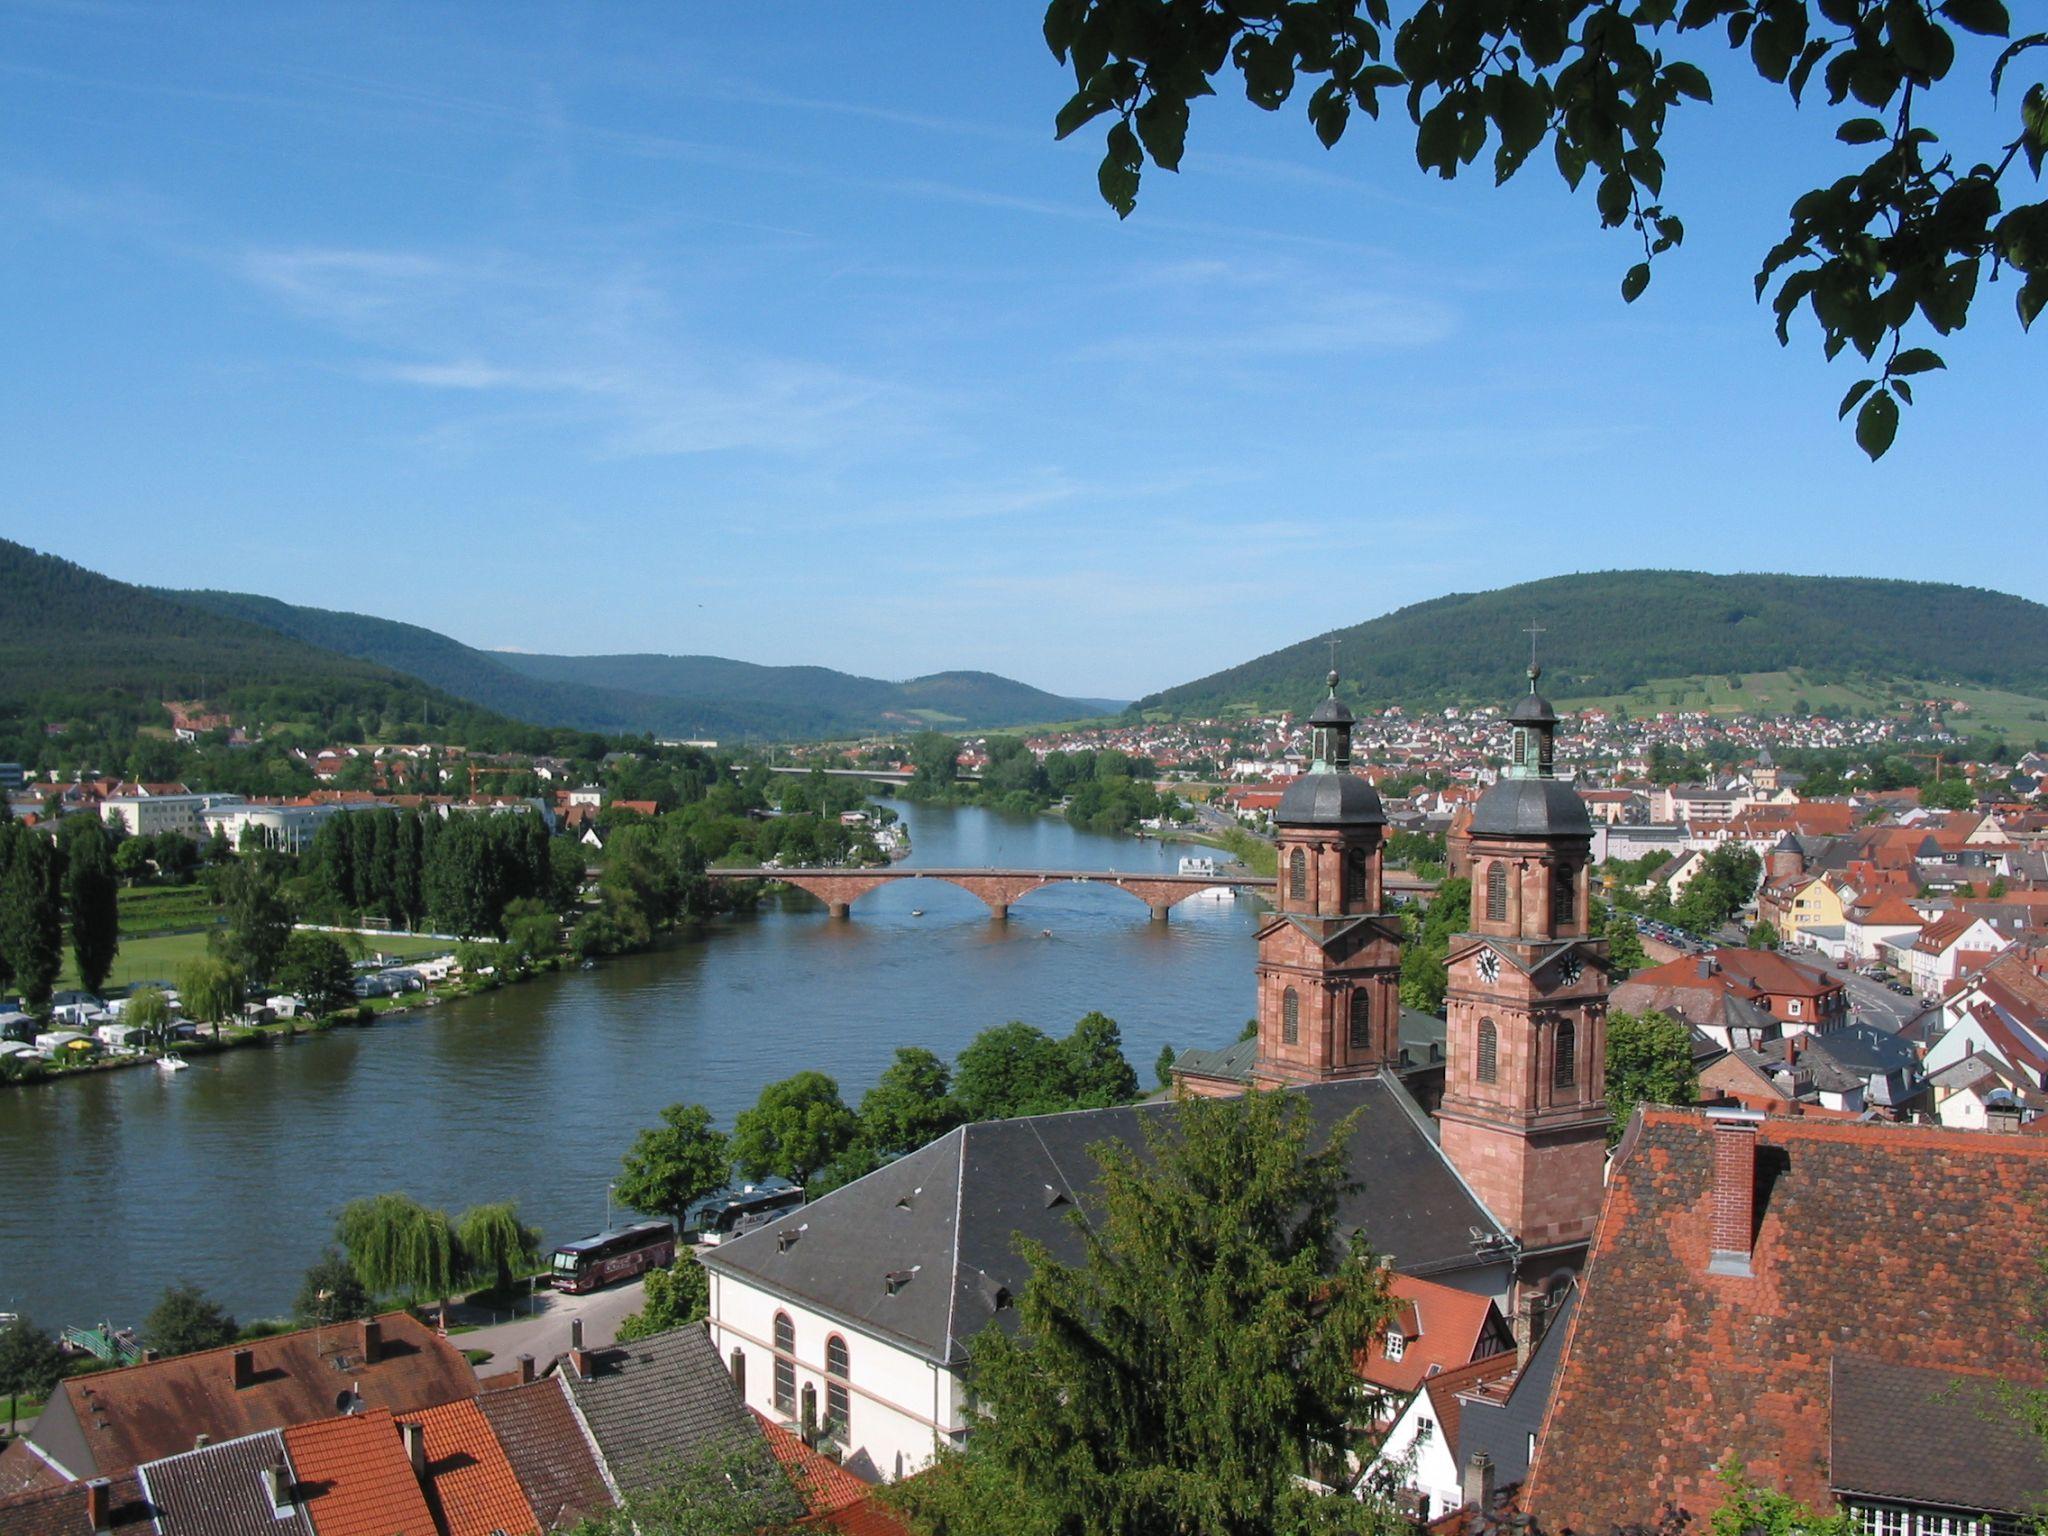 Mildenburg (Miltenberg), Germany